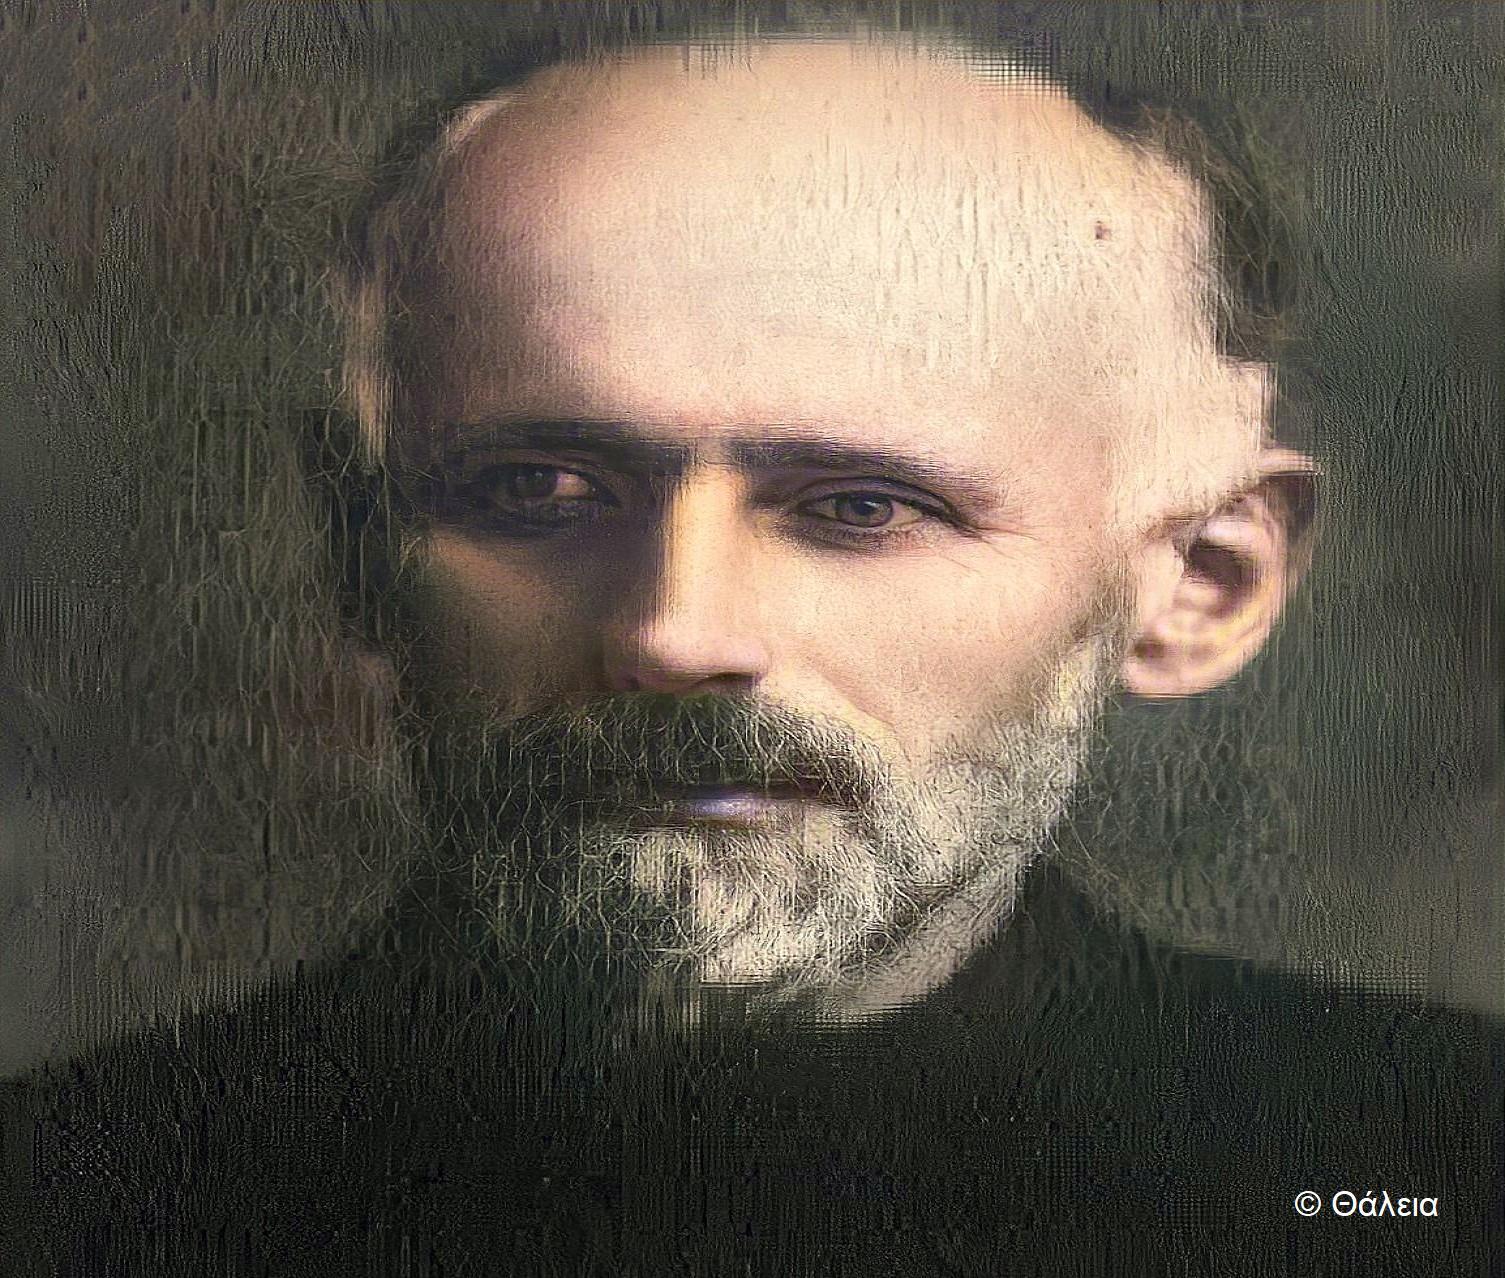 Jerej Miloš Turčinović: Za pravo, čast, slobodu i nezavisnost Crne Gore